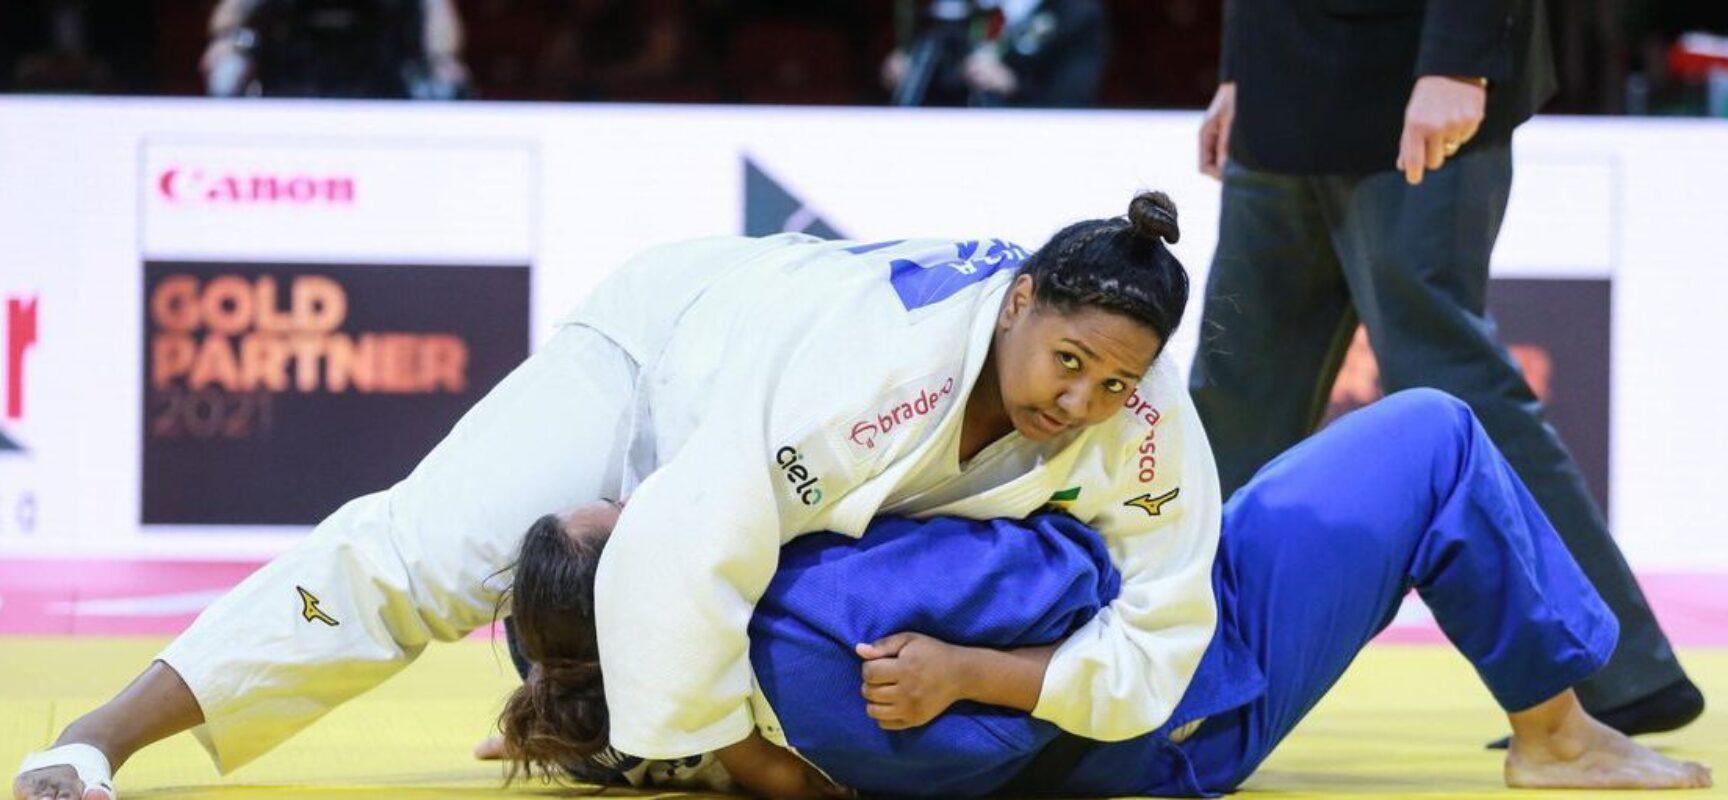 Mundial de Judô: Brasil confirma duas medalhas no peso pesado feminino